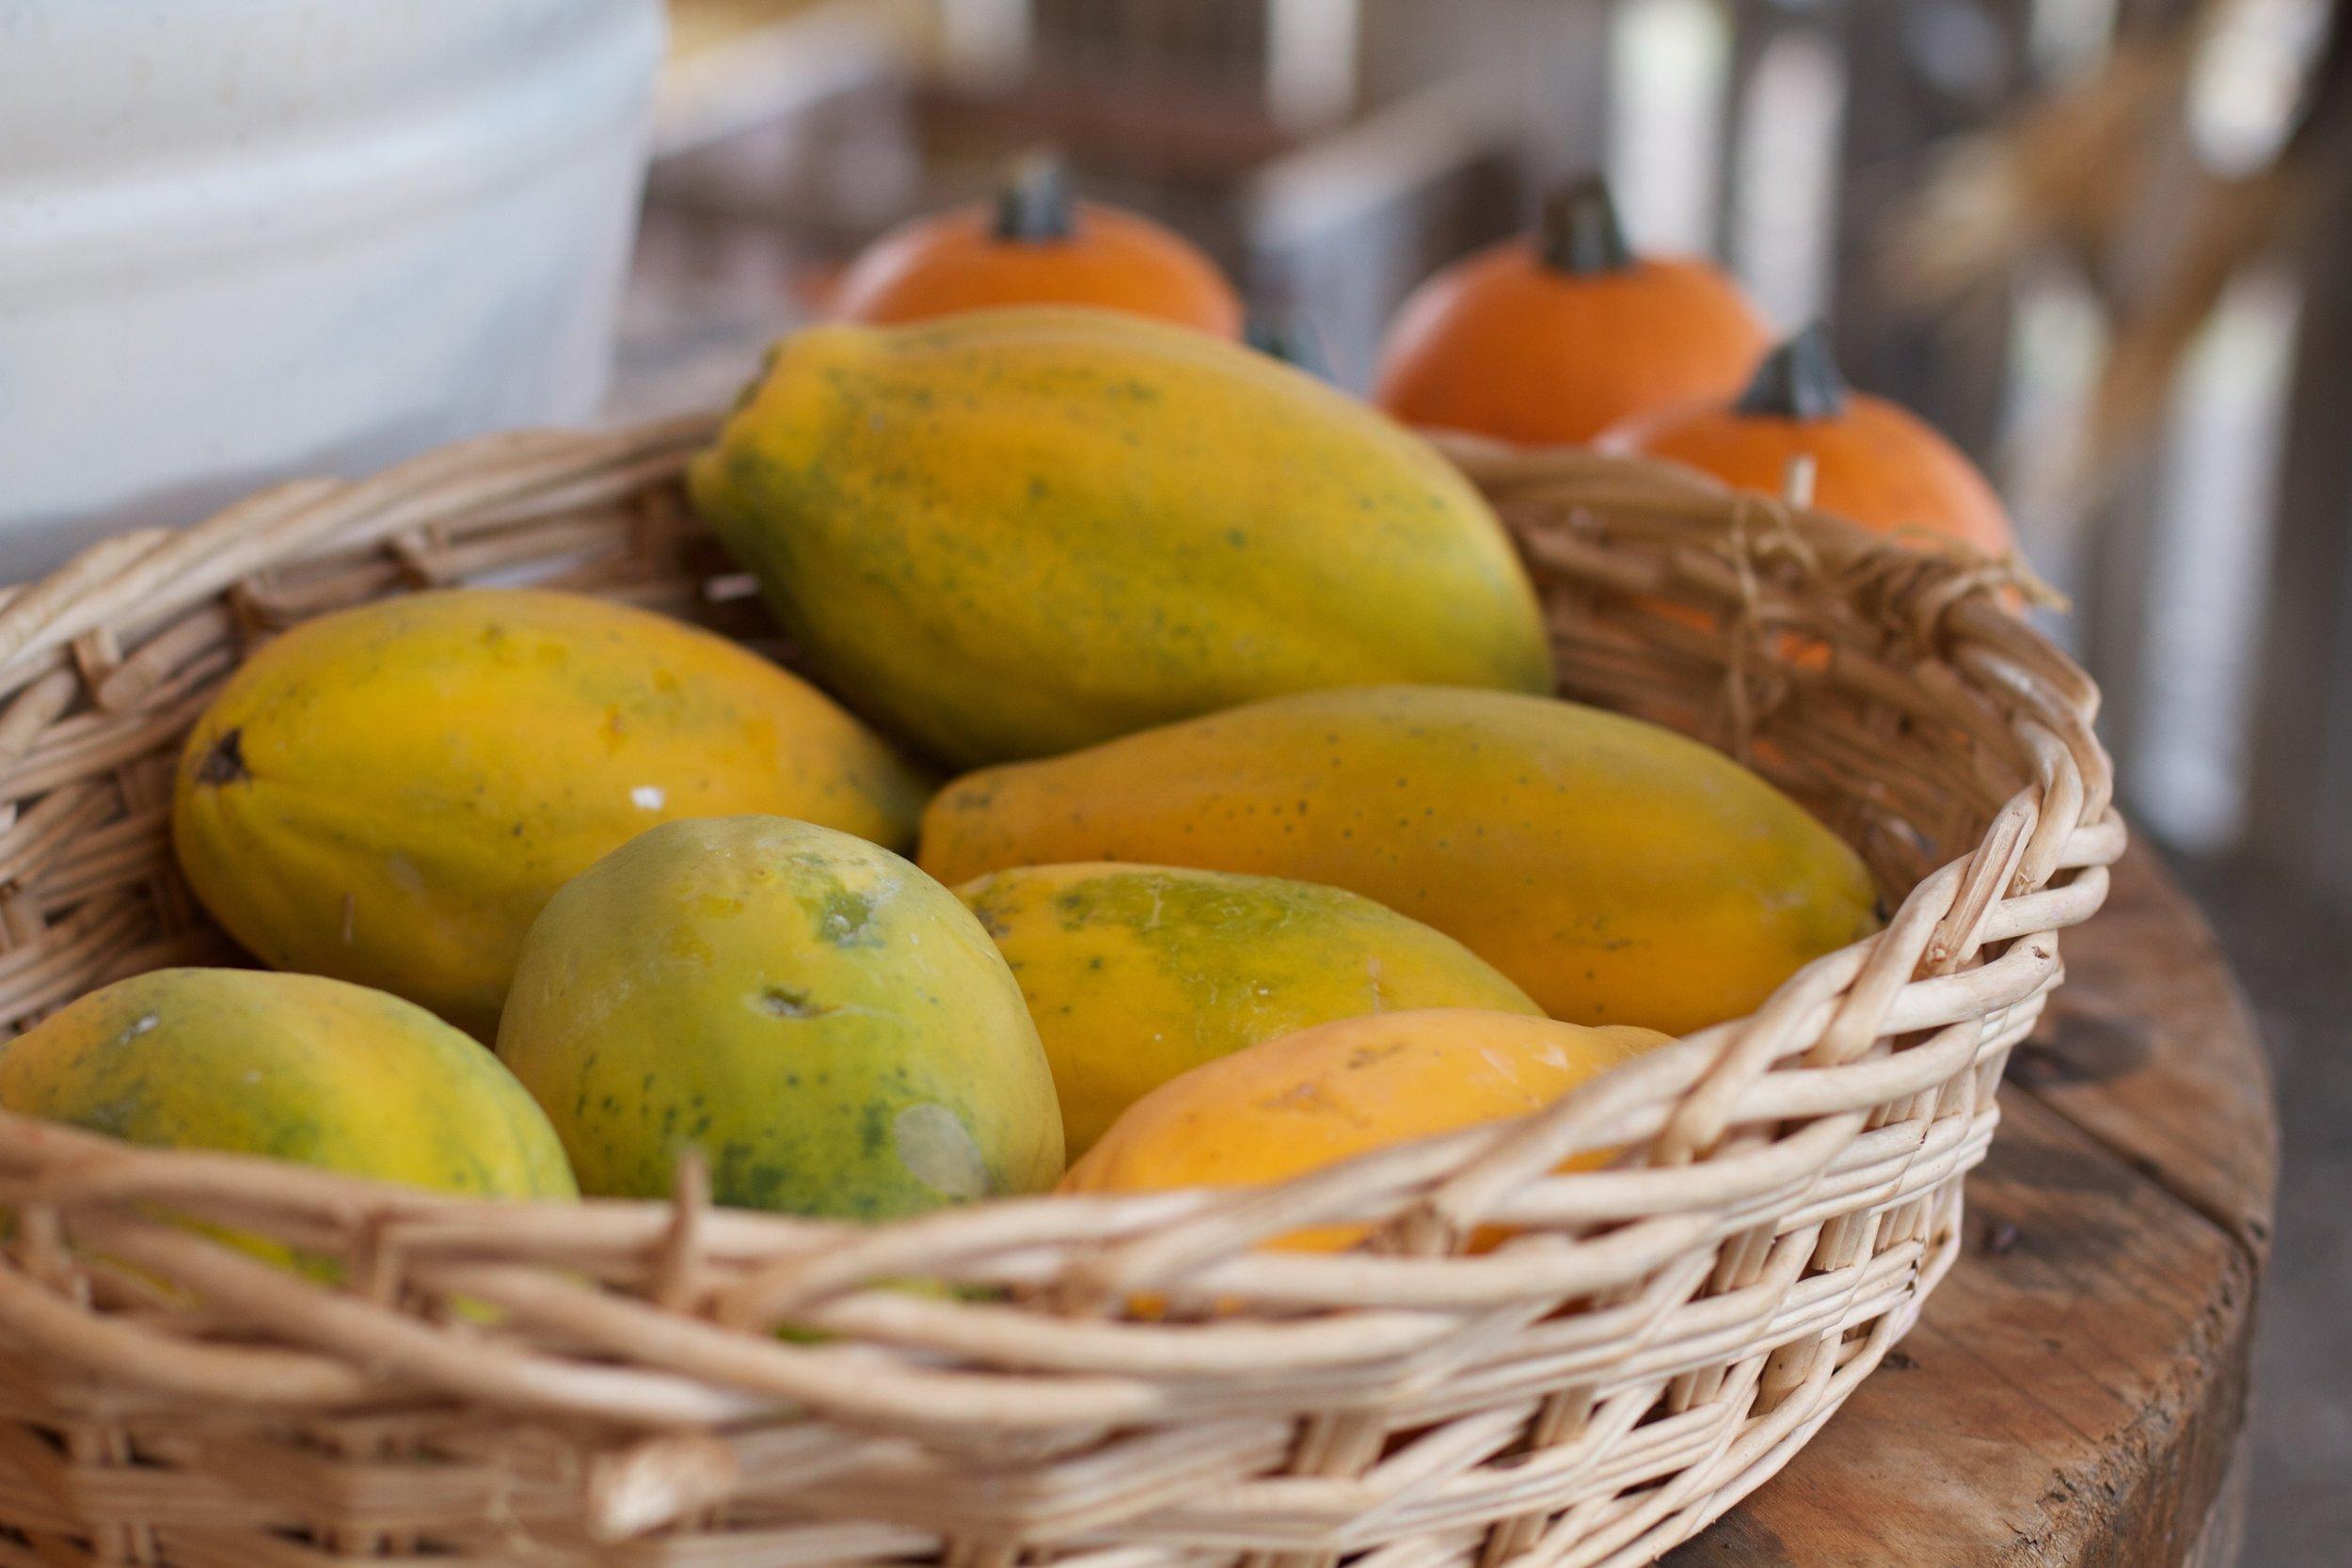 Papaya - Non-GMO & always picked fresh